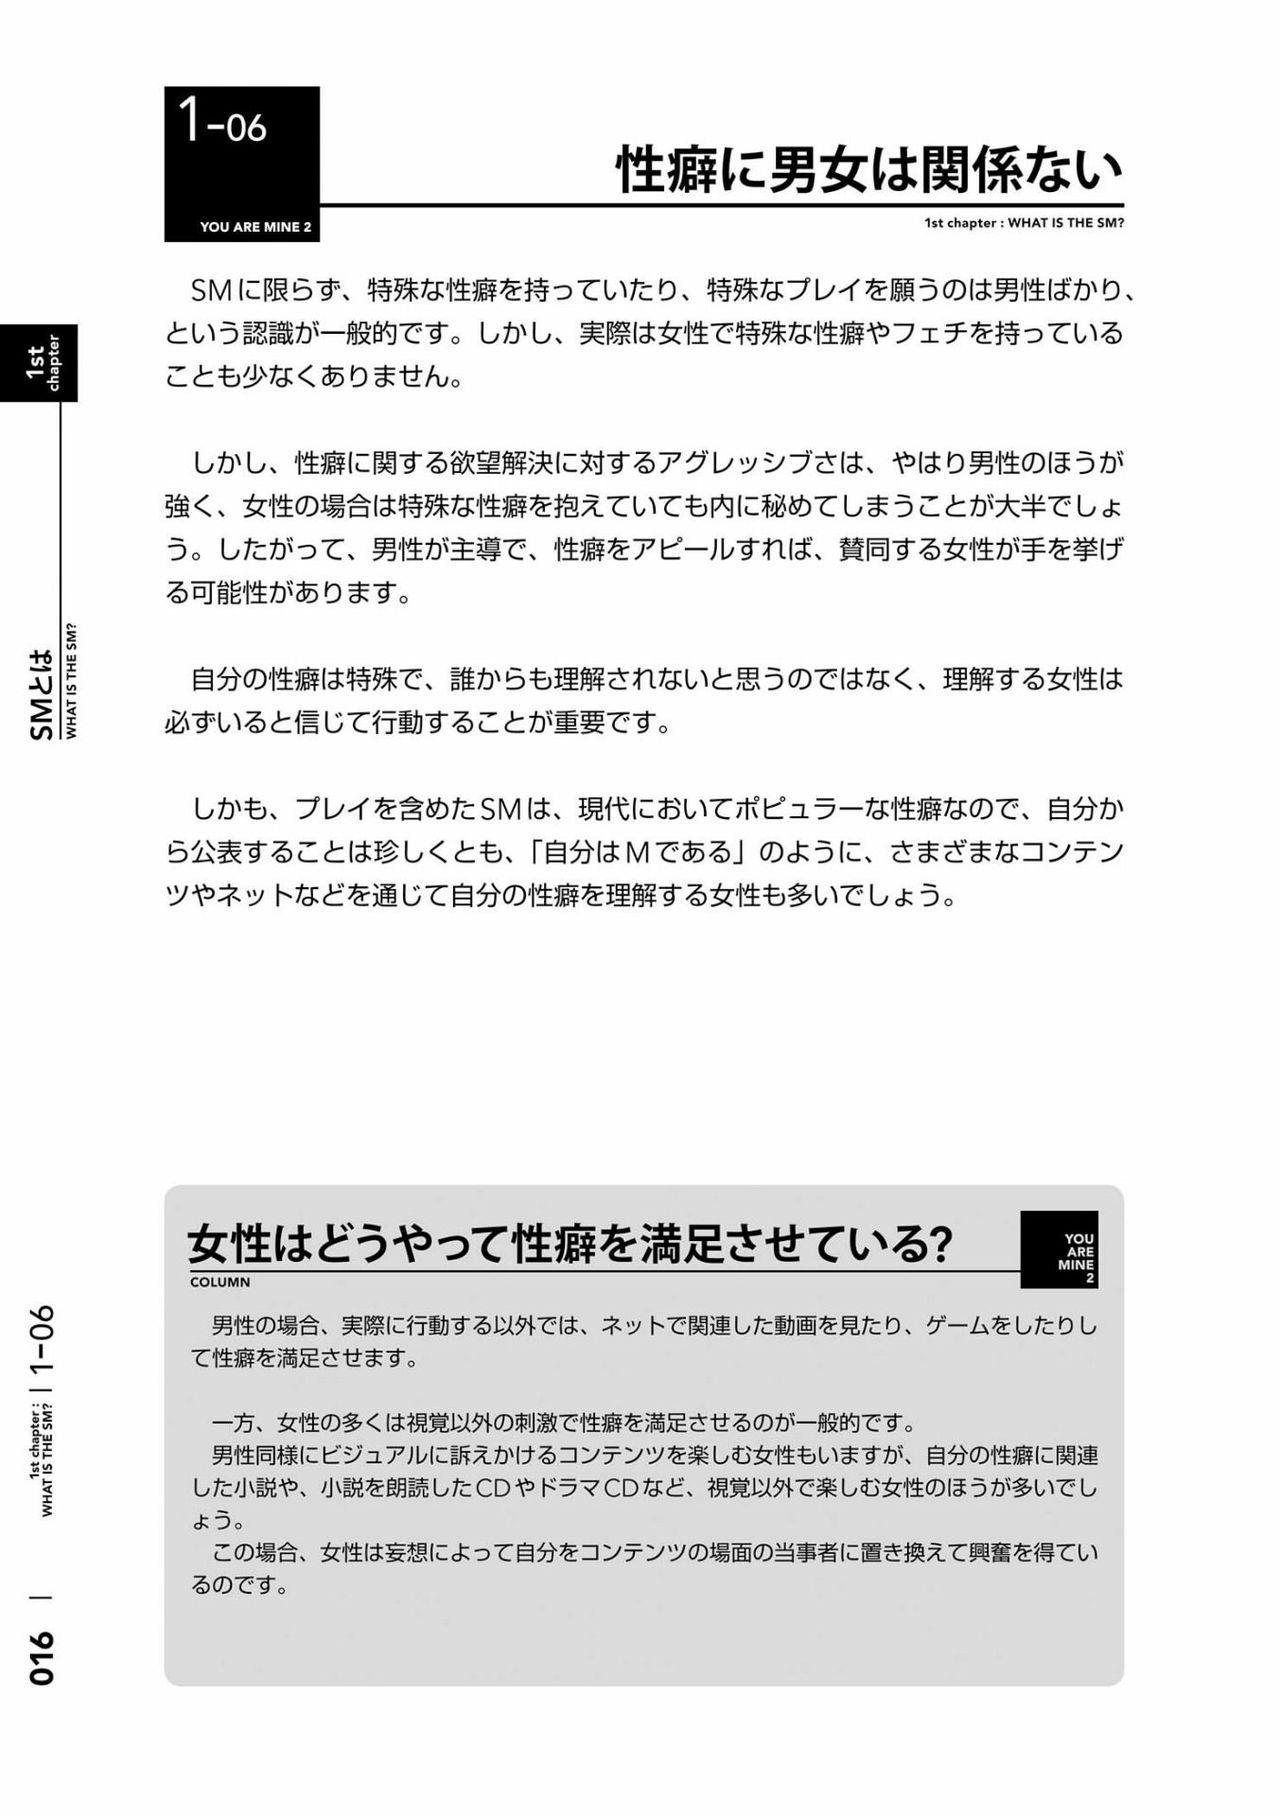 [Mitsuba] Karada mo Kokoro mo Boku no Mono ~Hajimete no SM Guide~ 2 [Digital] 18